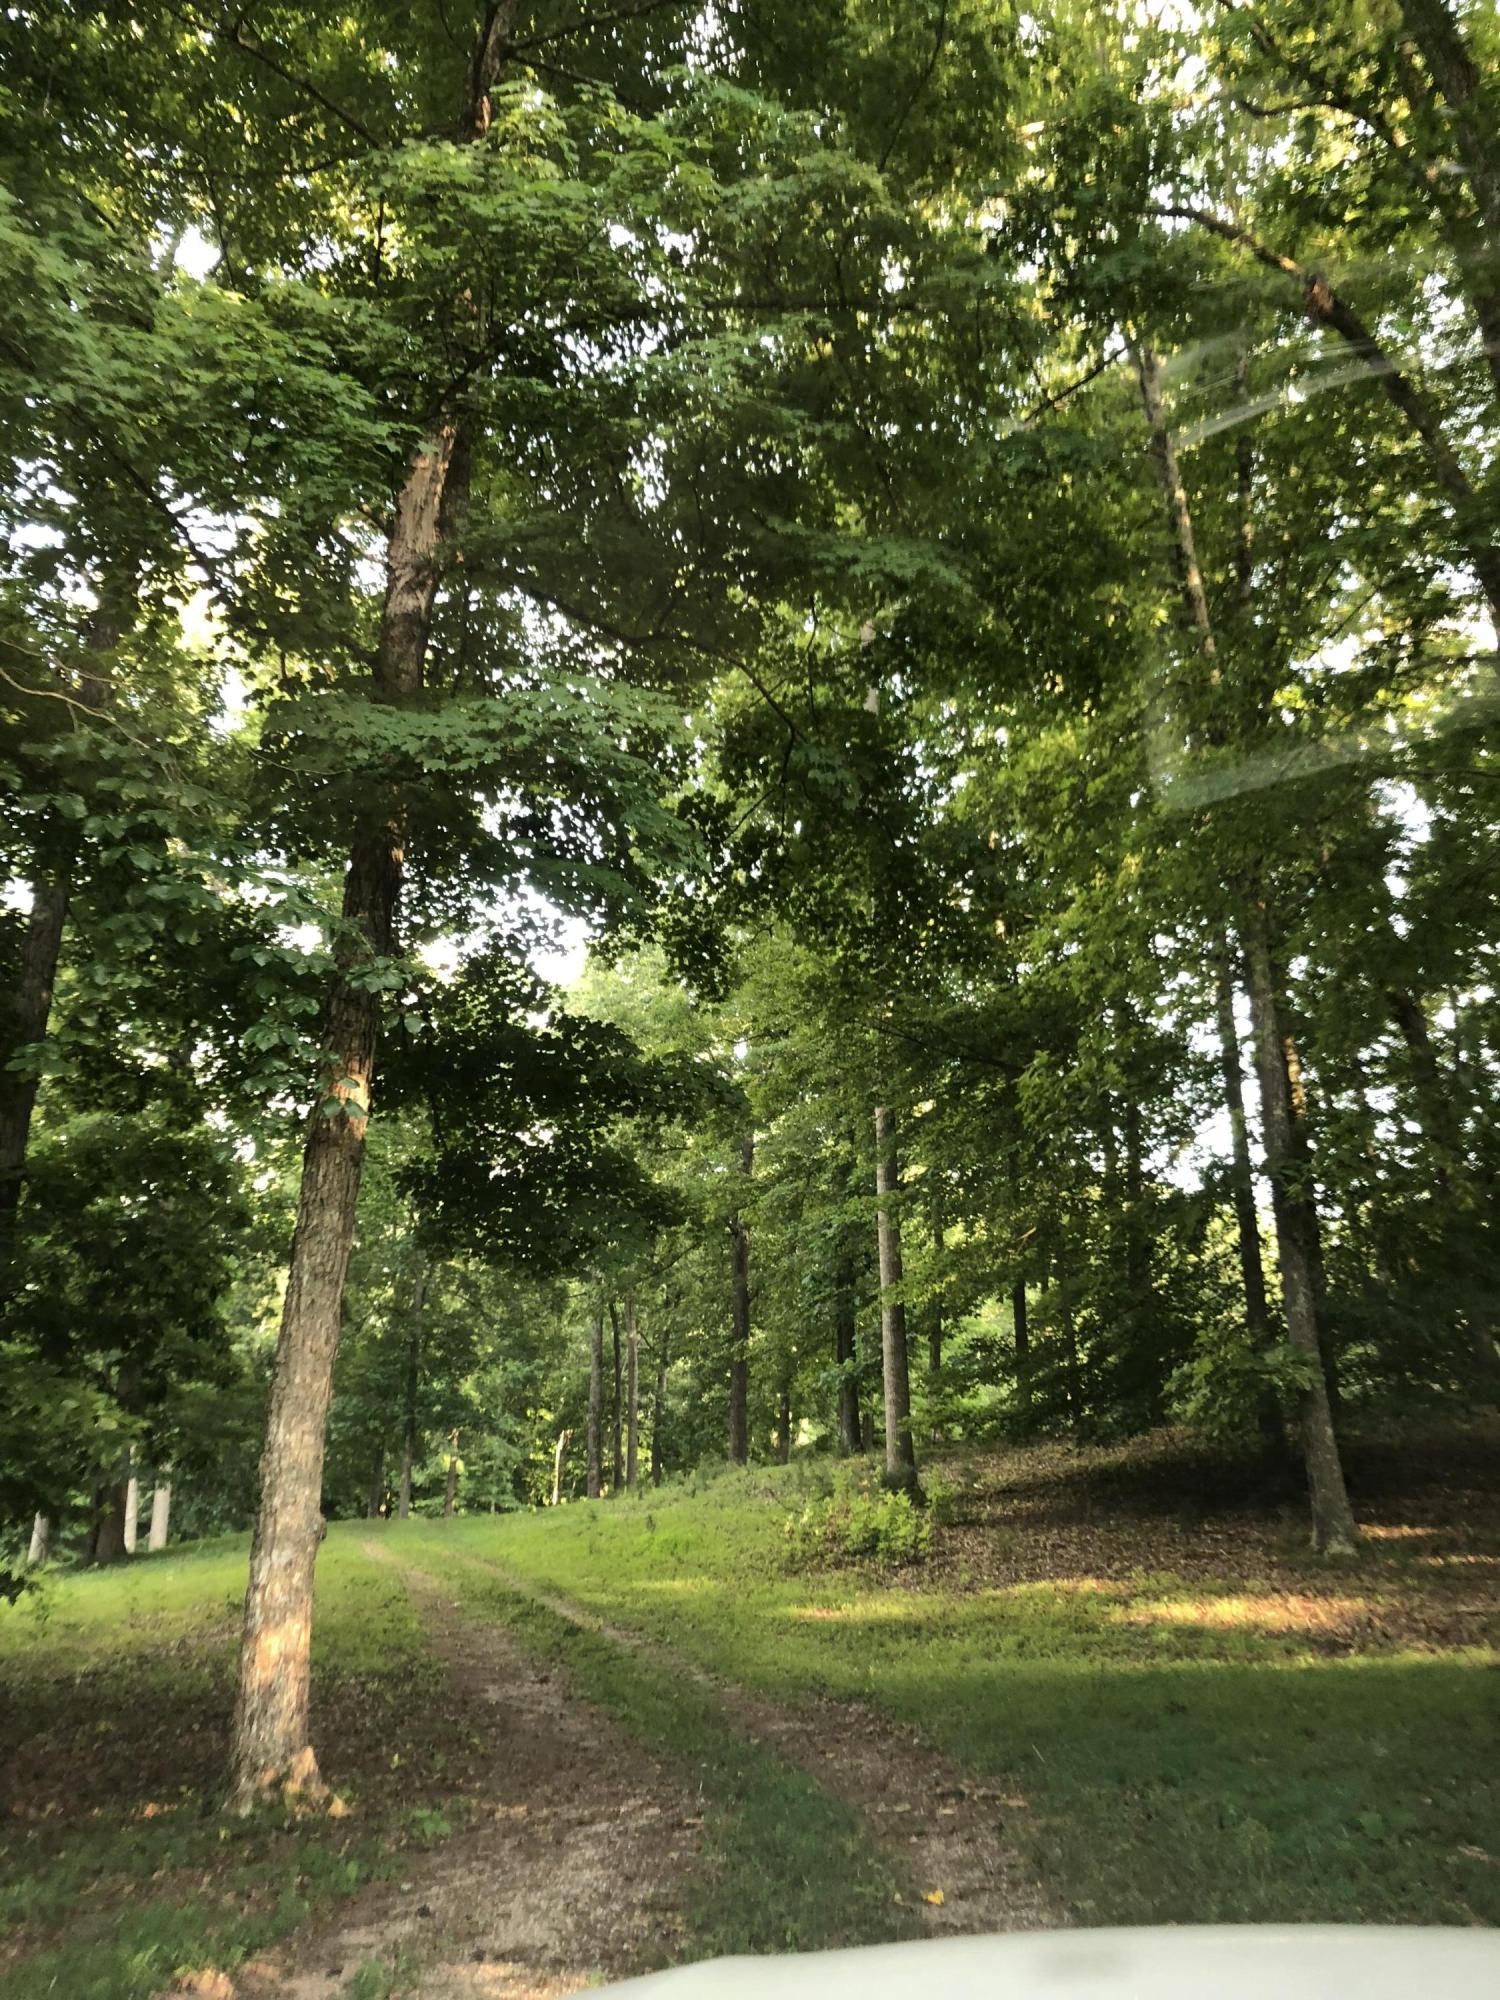 Maynardville, Maynardville, Tennessee, United States 37807, ,Lots & Acreage,For Sale,Maynardville,1046632